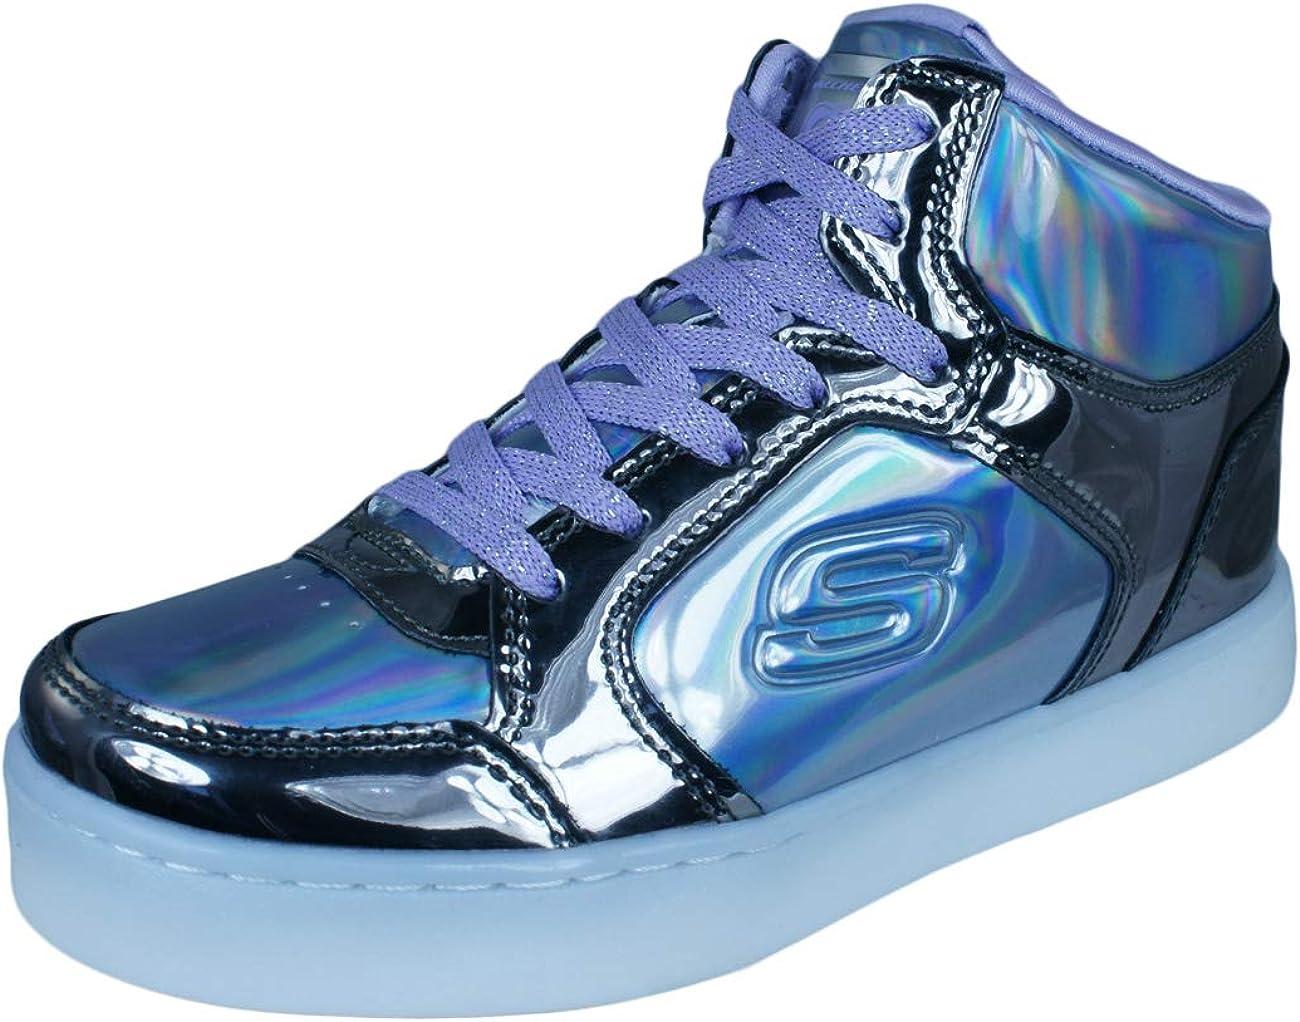 Skechers Girls' Energy Lights - Shiny